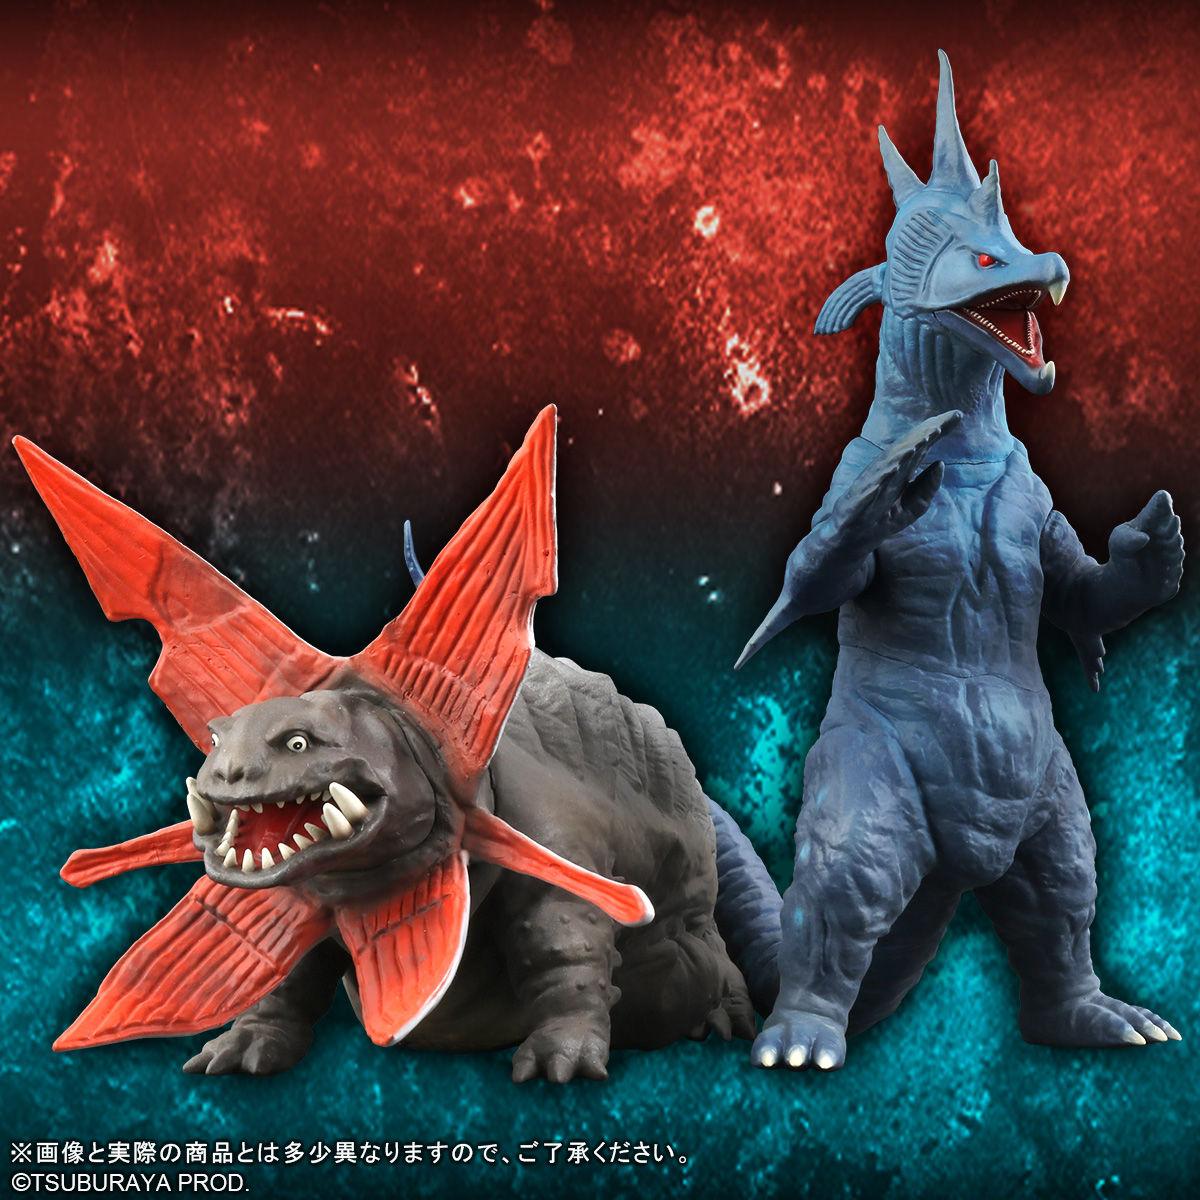 【限定販売】ウルトラ大怪獣シリーズ5000『ガボラ/ムルチ』完成品フィギュア-004